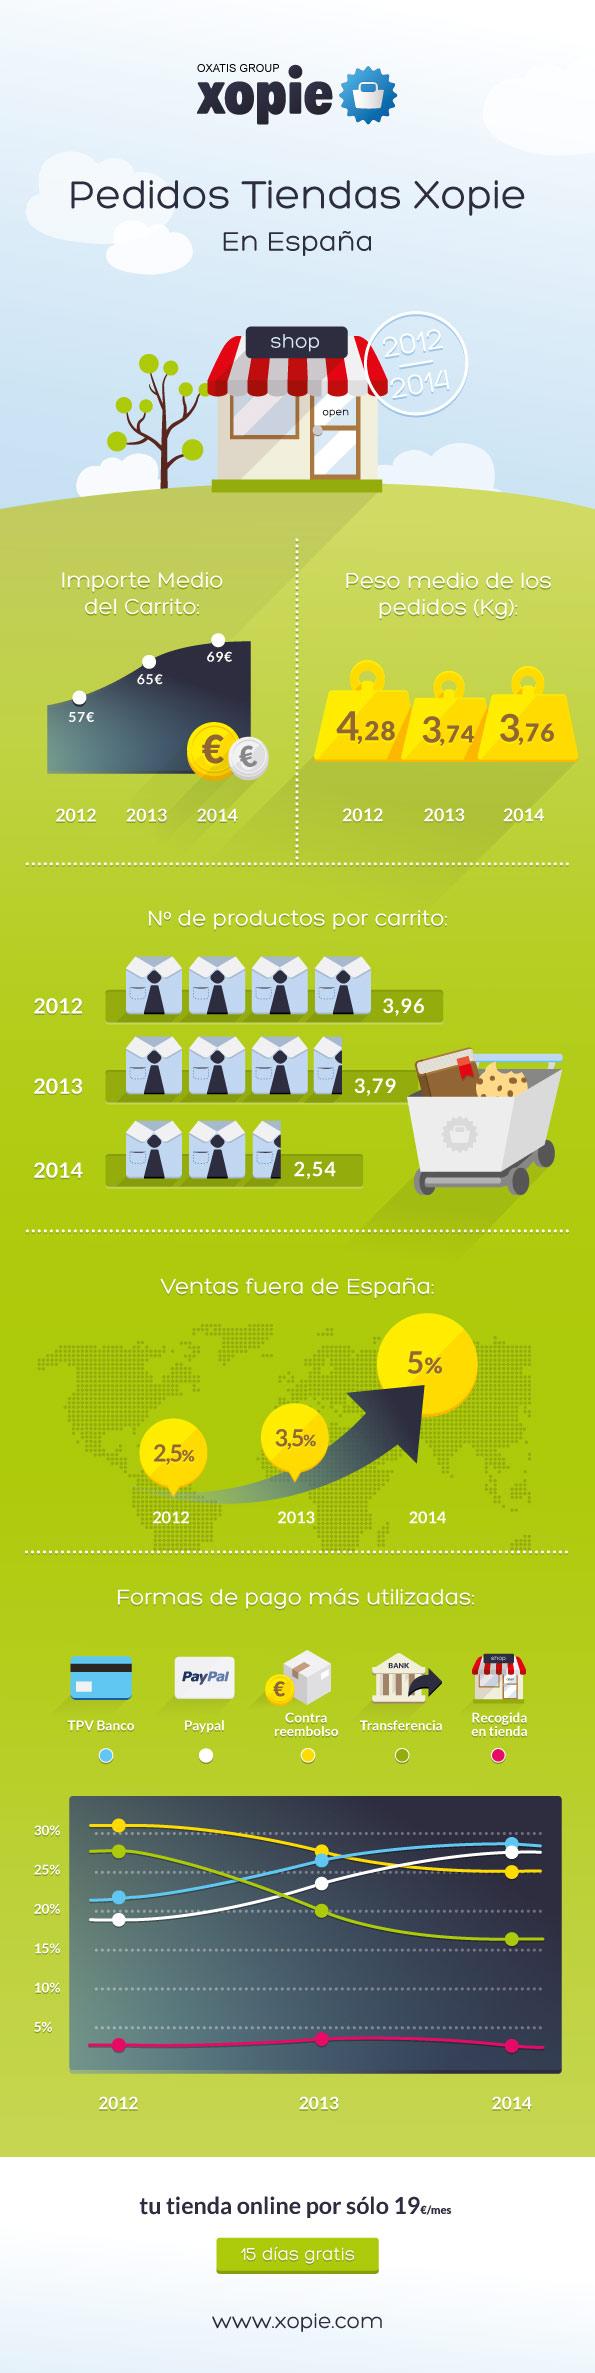 Infografik von xopie.com zur Entwicklung der Online-Warenkörbe in Spanien von 2012-2014